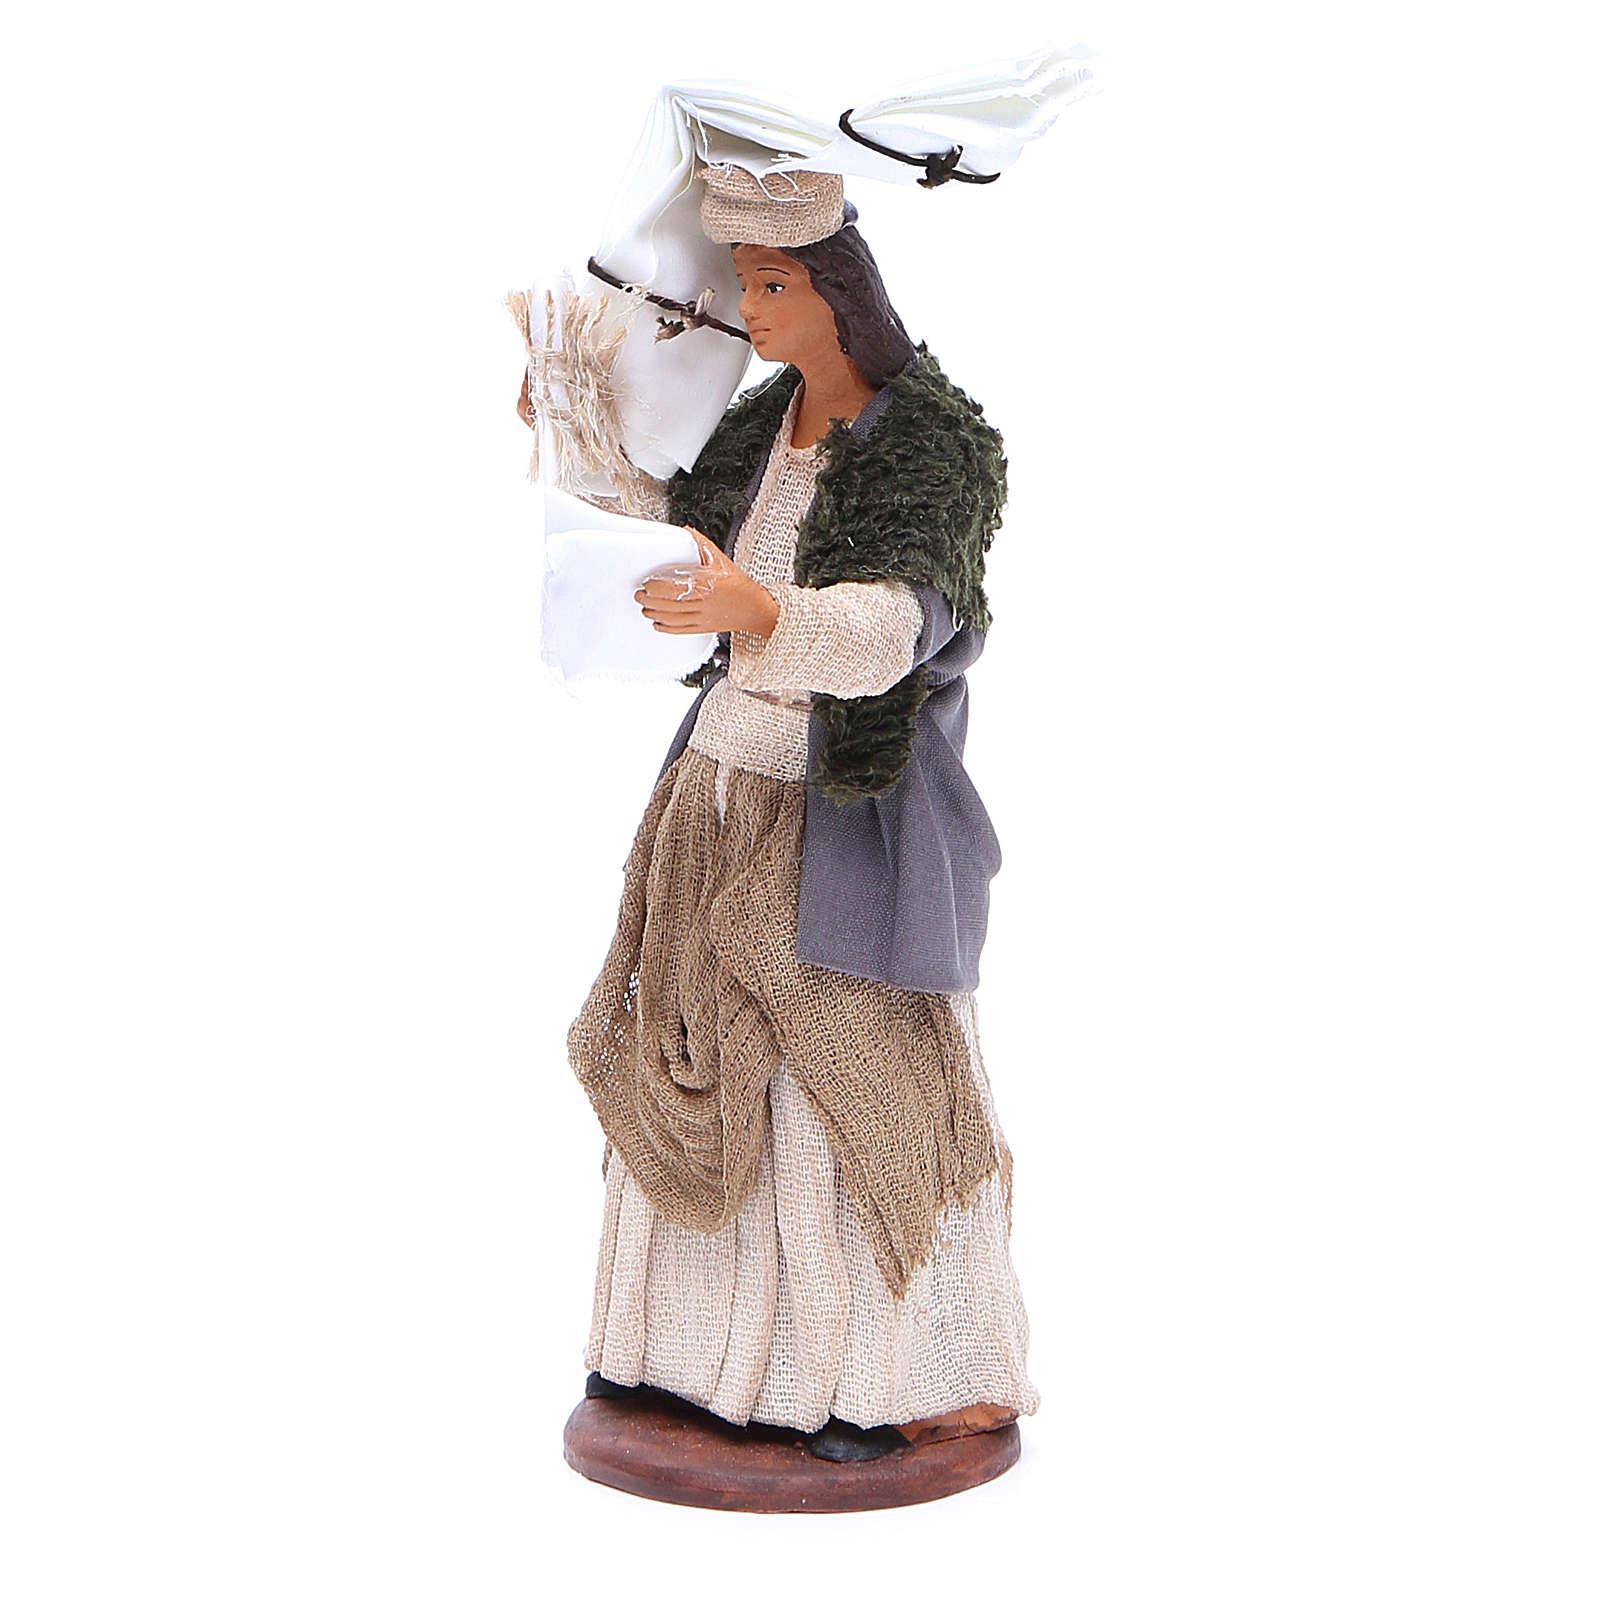 Donna fazzoletti testa e mano 14 cm presepe napoletano 4